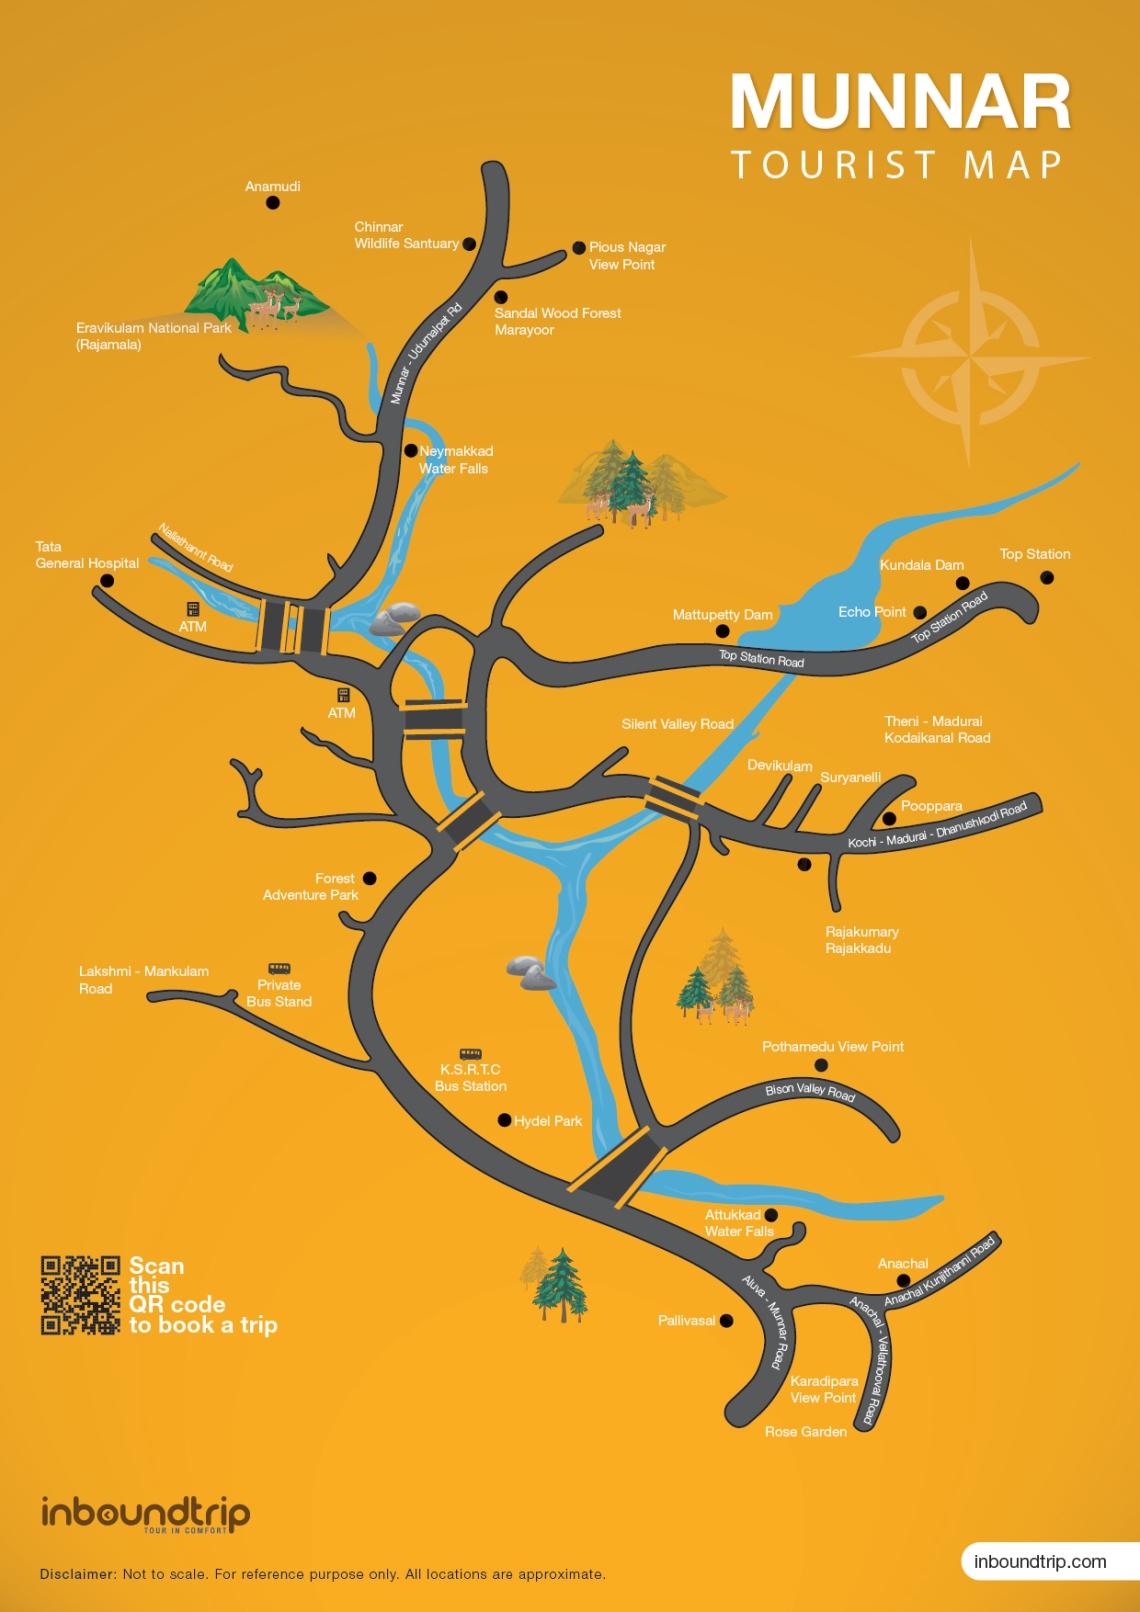 Munnar-Tourist-Map